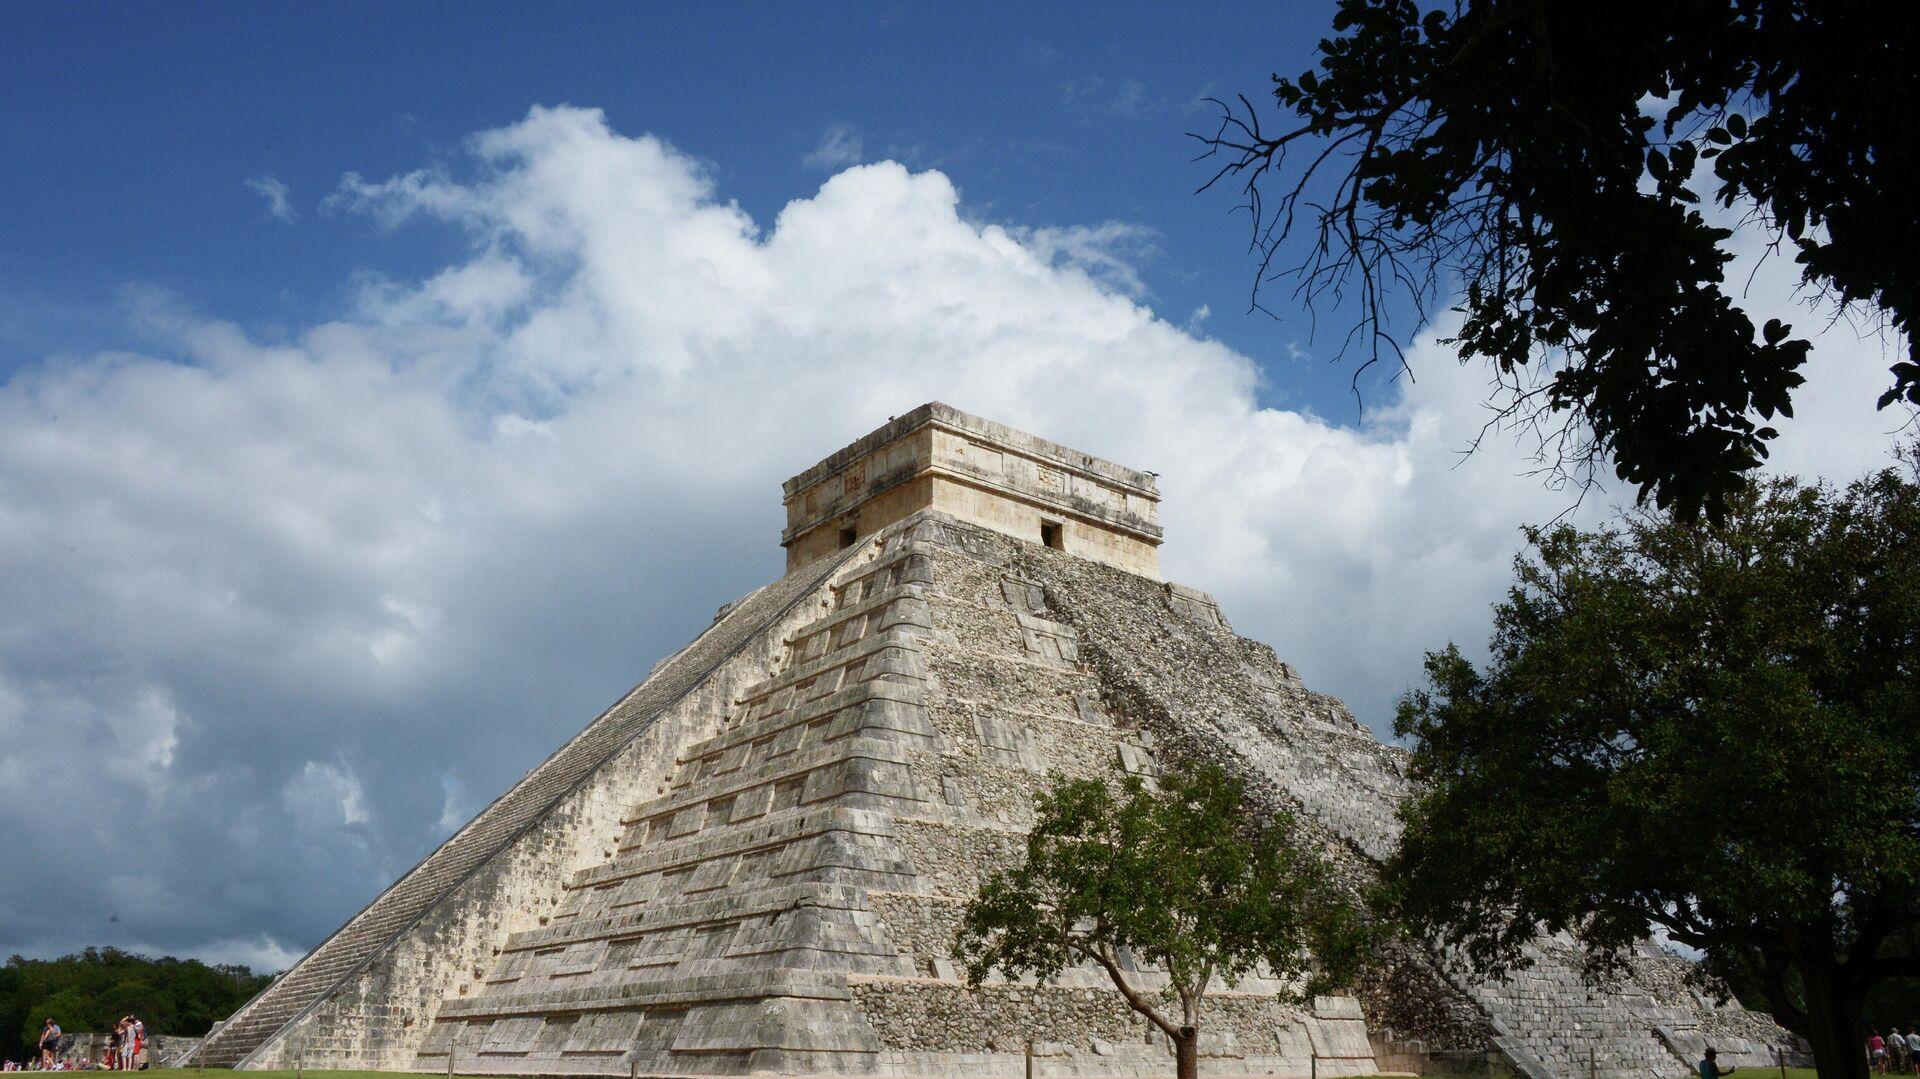 Храм Кукулькана в доколумбовом городе Чичен-Ице цивилизации майя в Мексике - РИА Новости, 1920, 04.05.2021